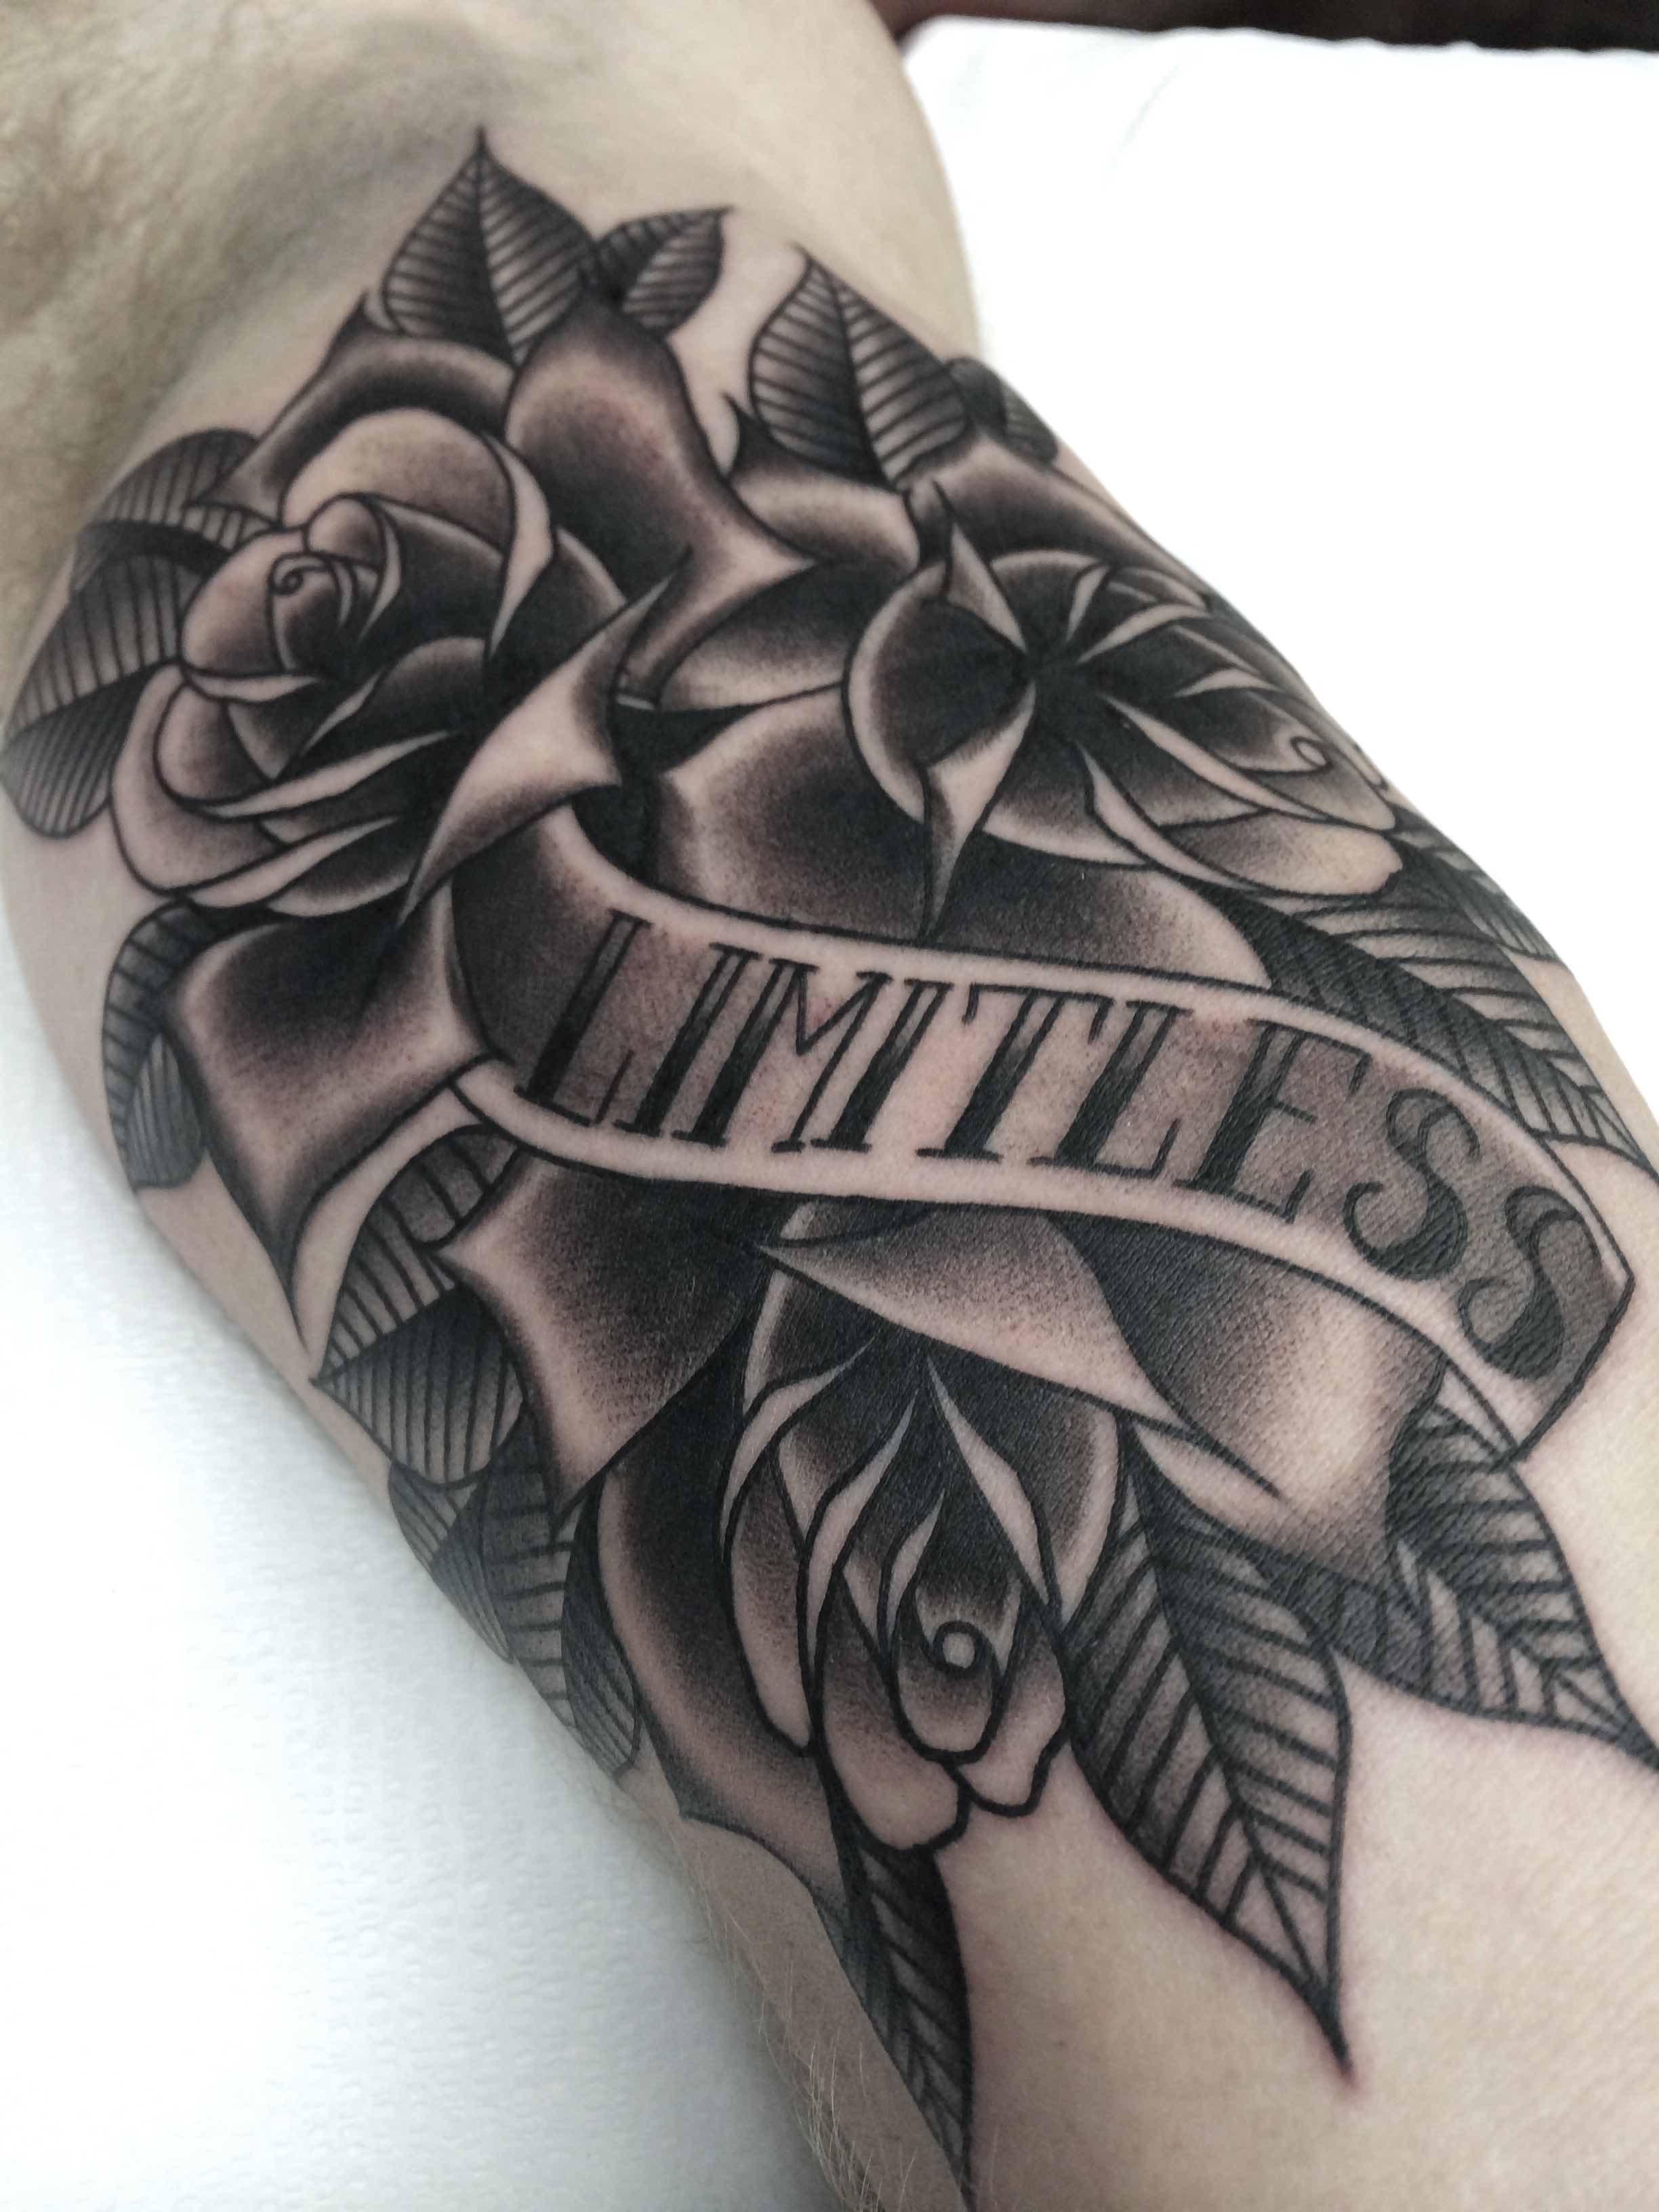 Mike McAskill riverside ca elizabeth st tattoo arm.jpg